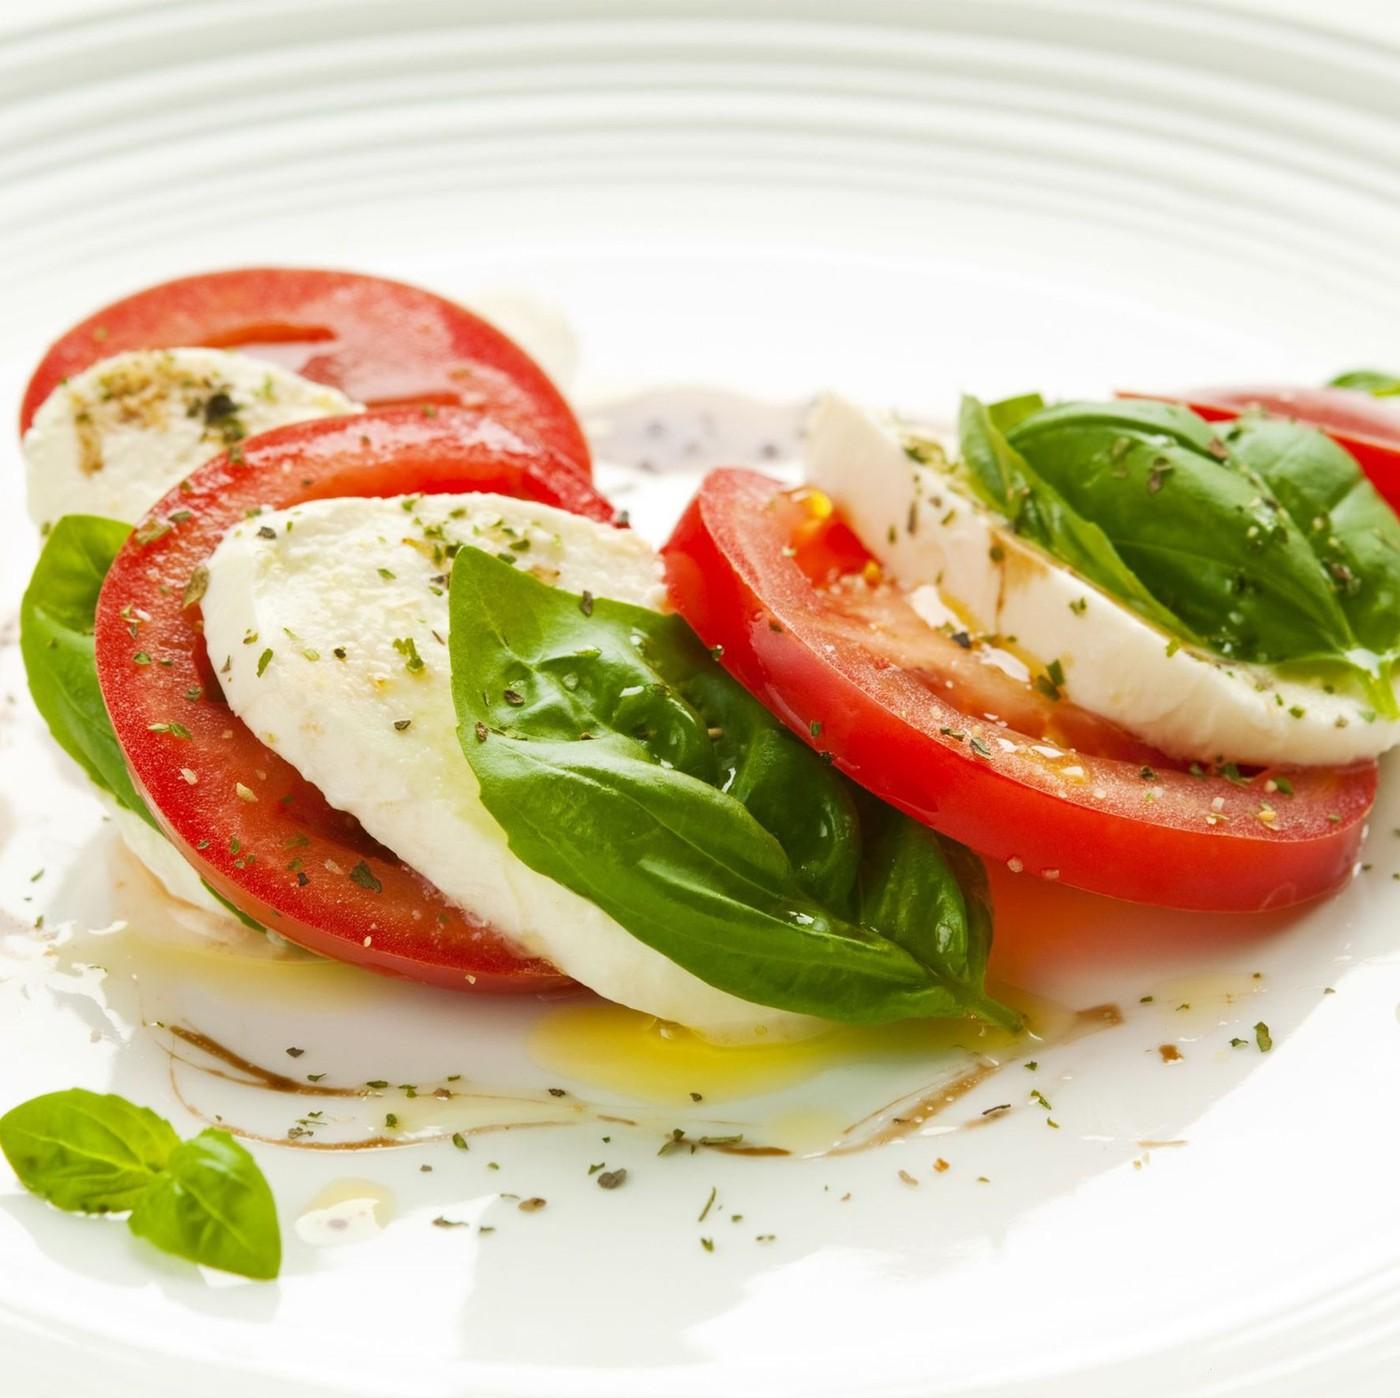 receta de Mozzarella Di Bufala Campana D.o.p.